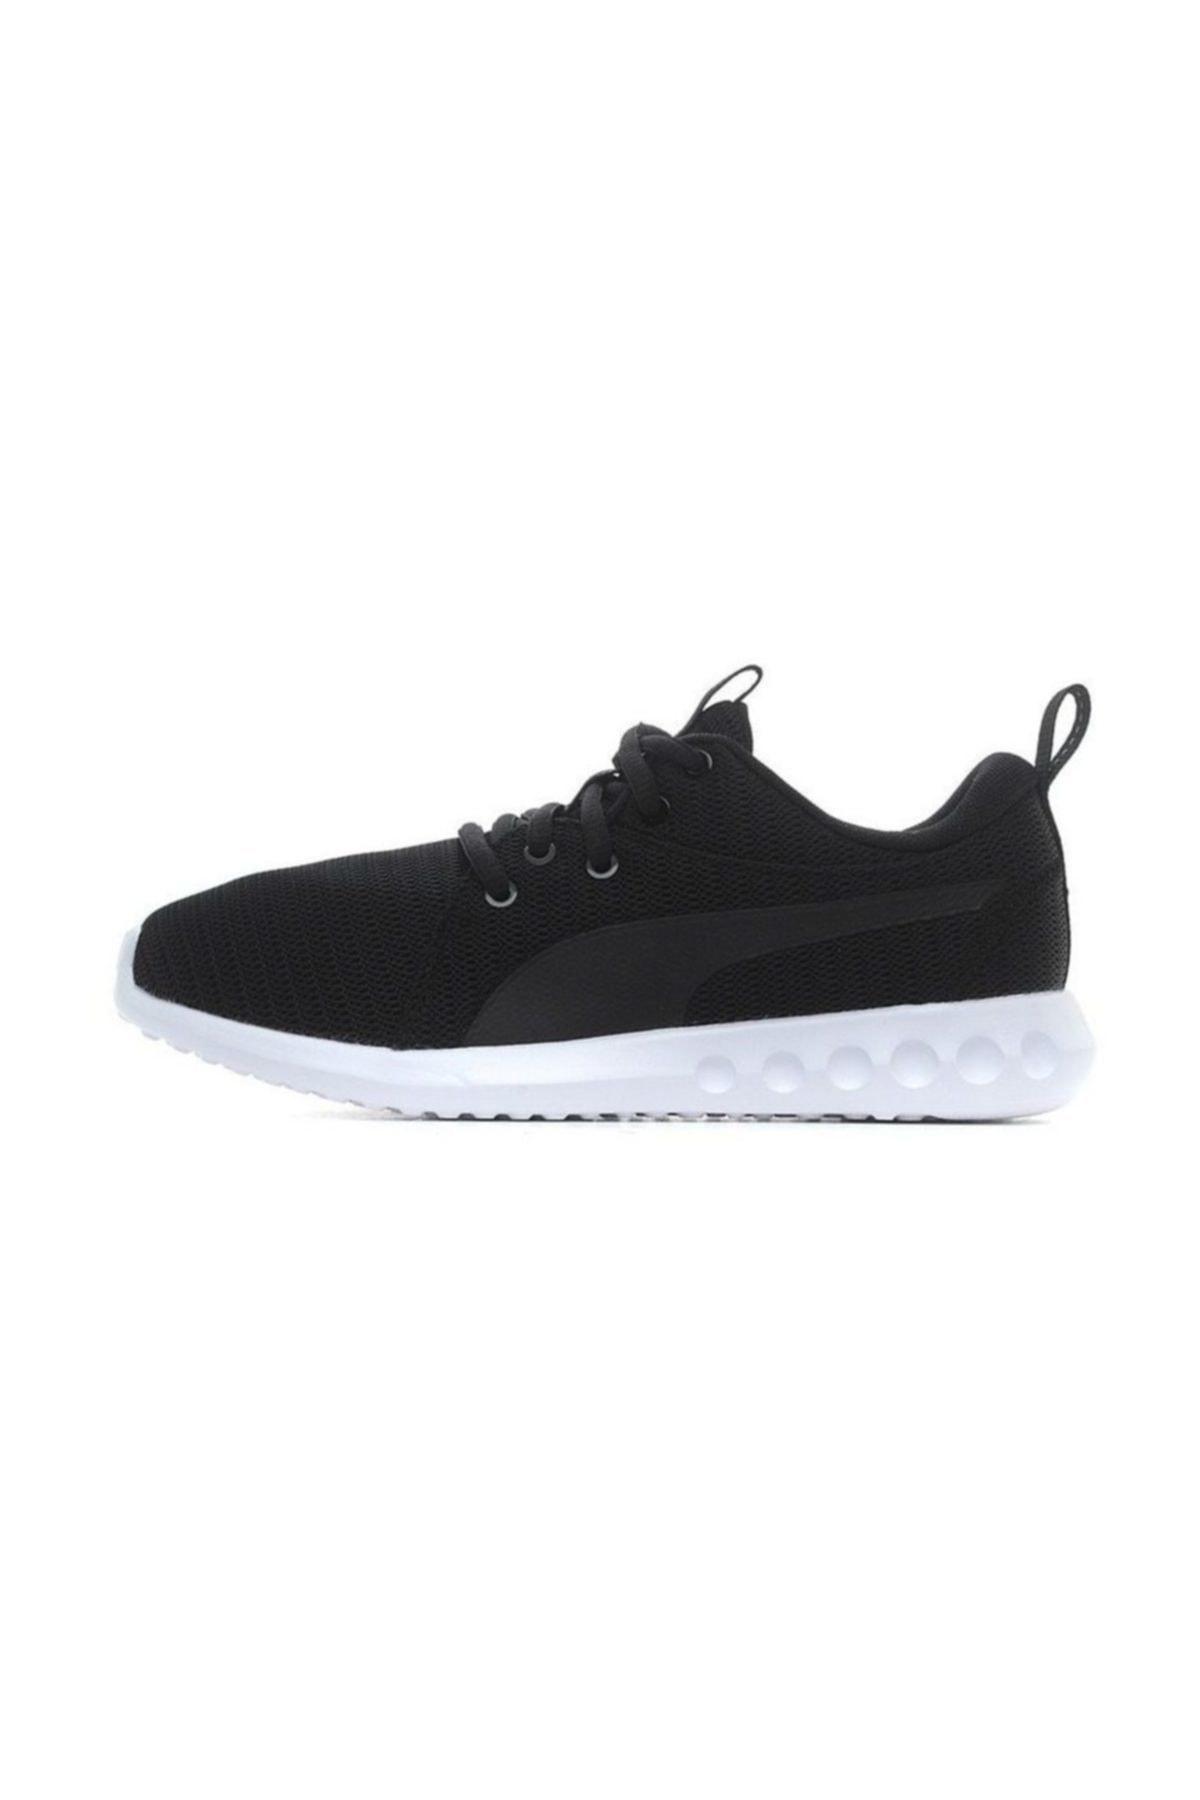 Puma Carson 2 Kadın Koşu Ayakkabısı 2